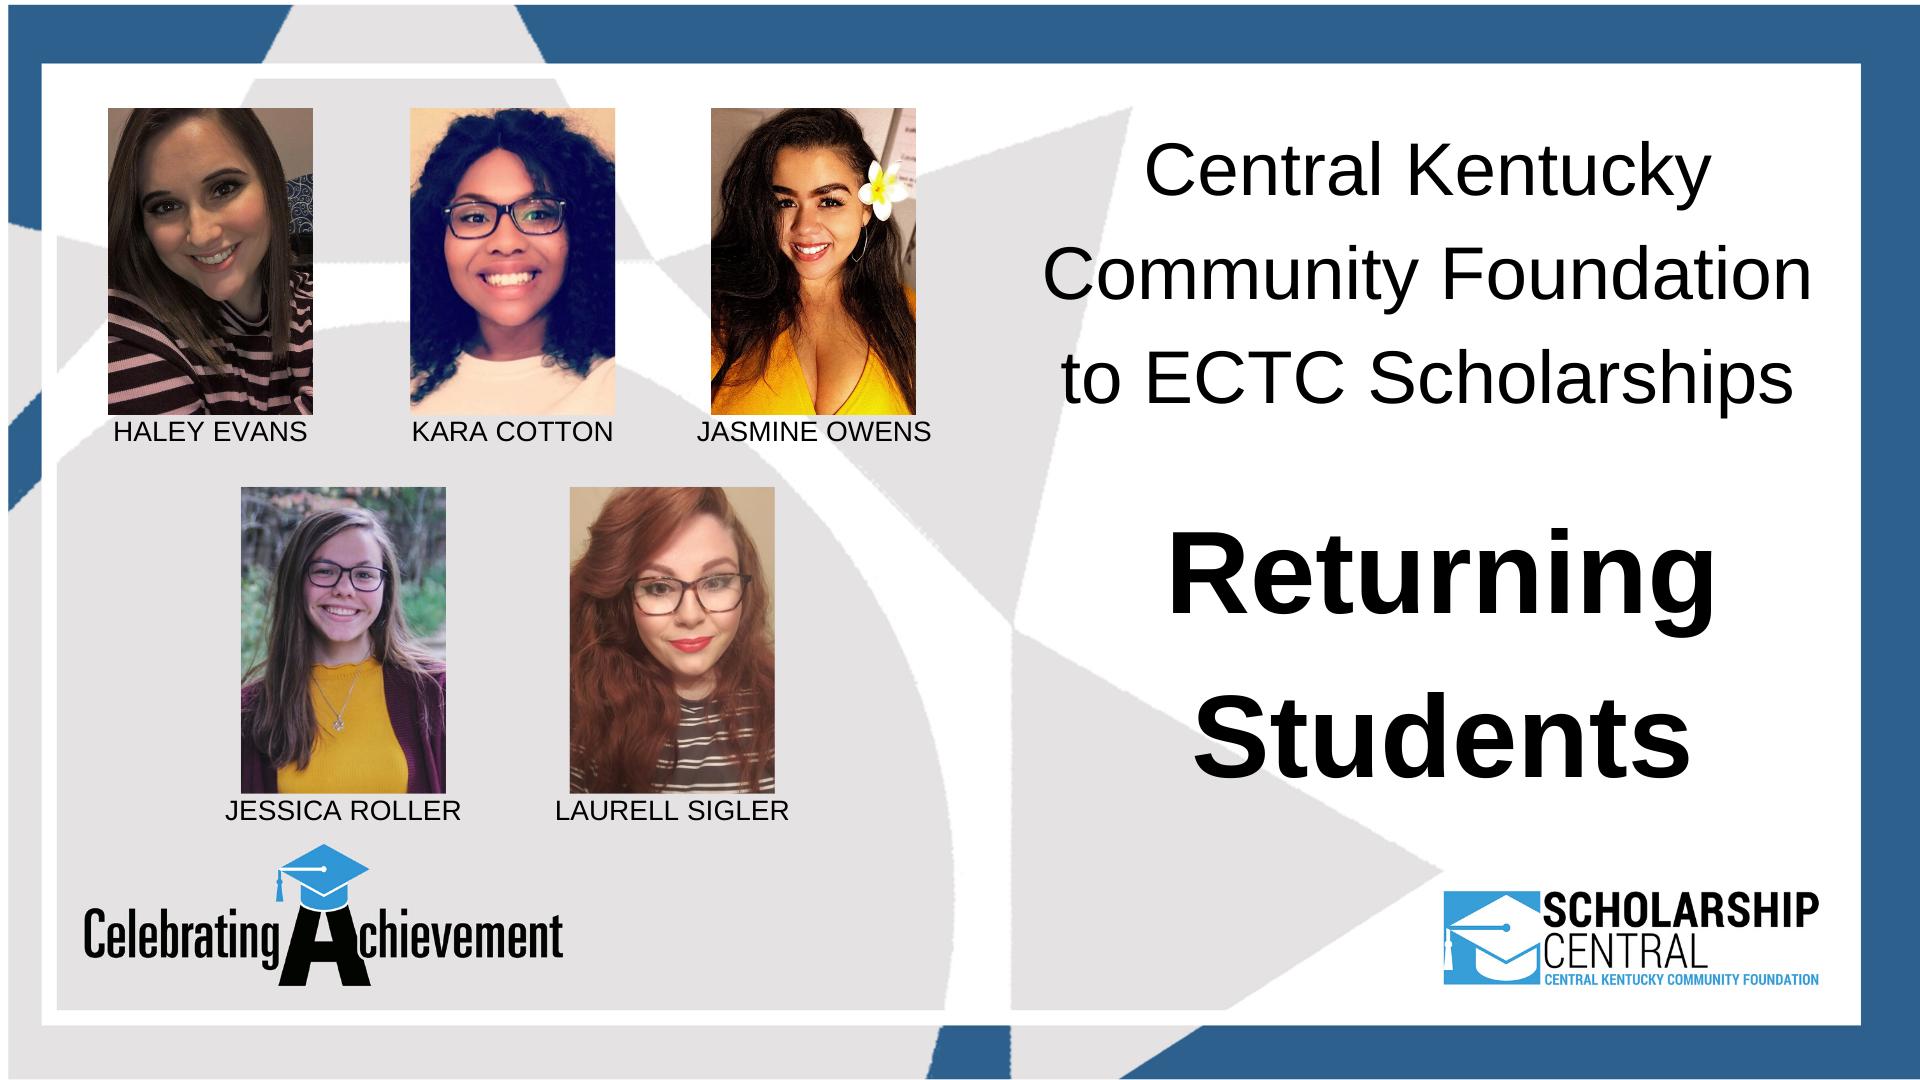 ECTC Returning Scholarship3